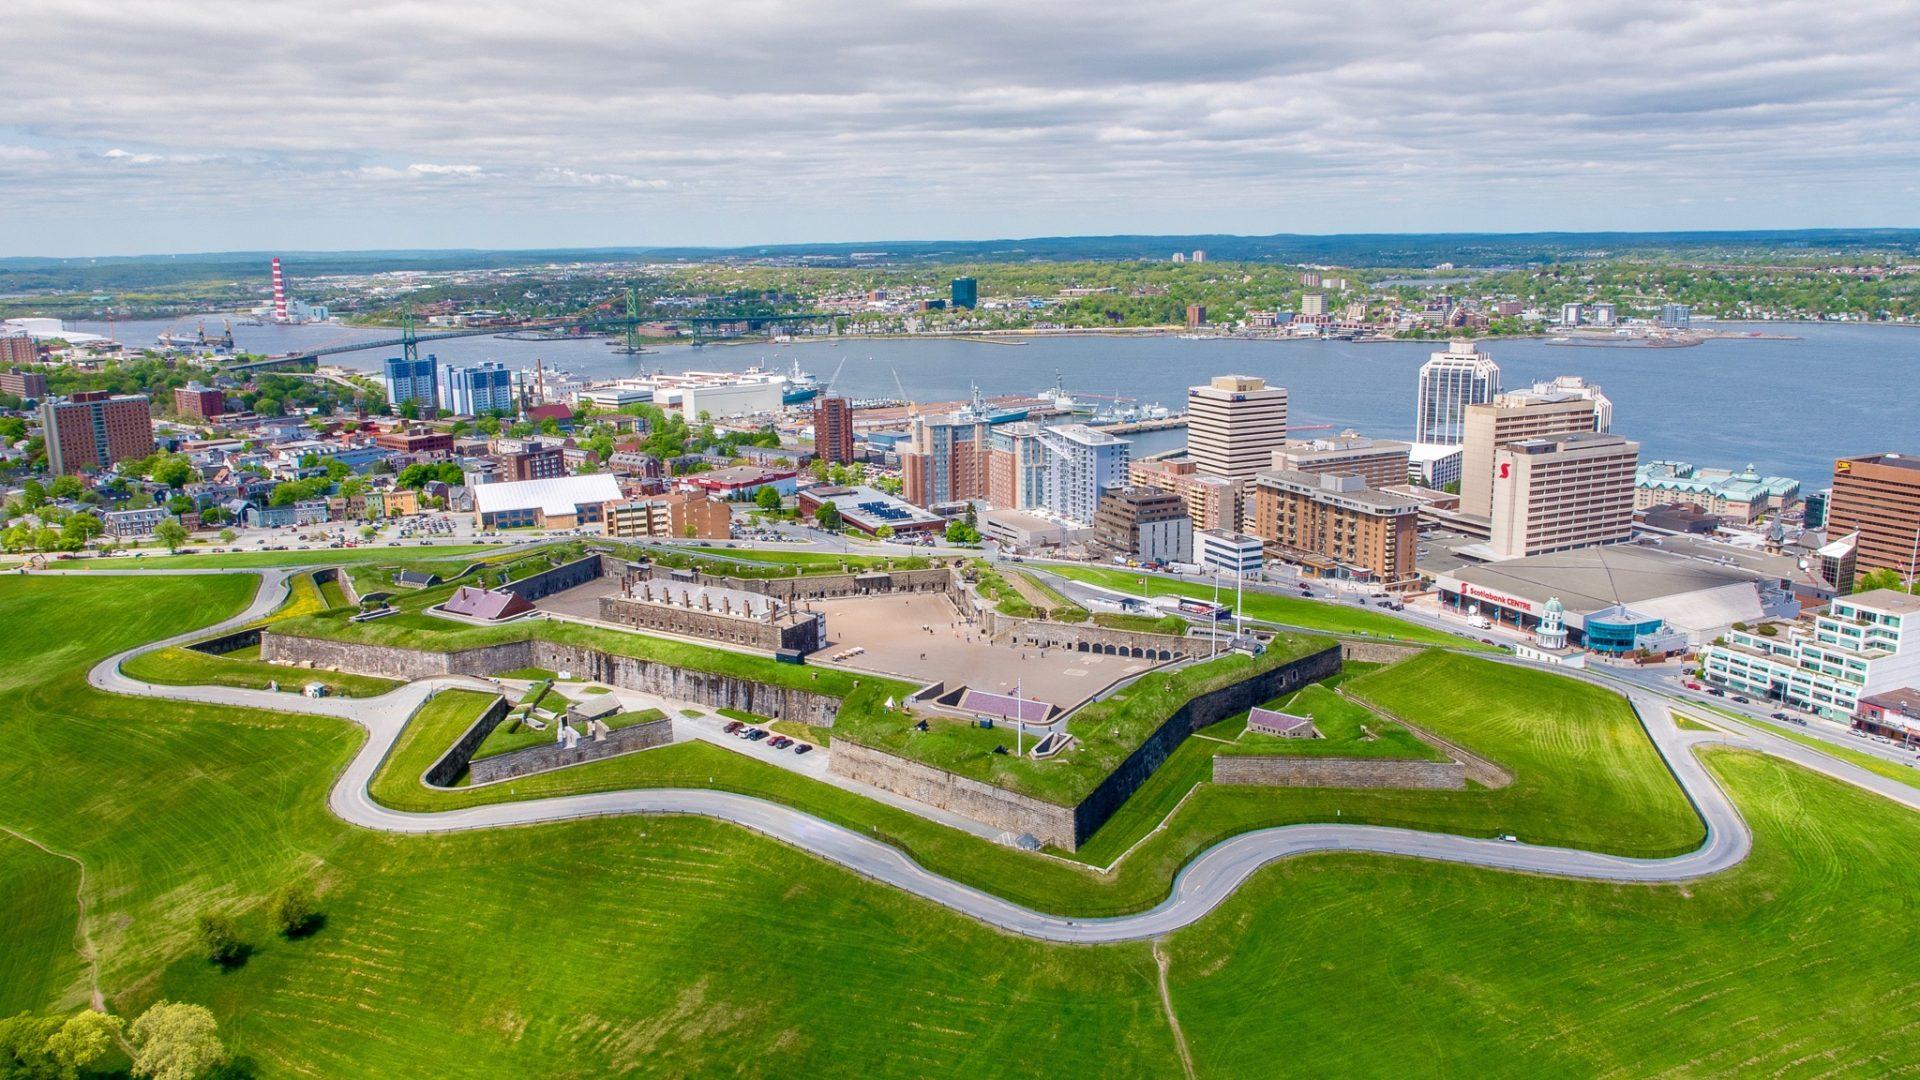 Halifax Citadel National Historic Site, Nova Scotia, Canada